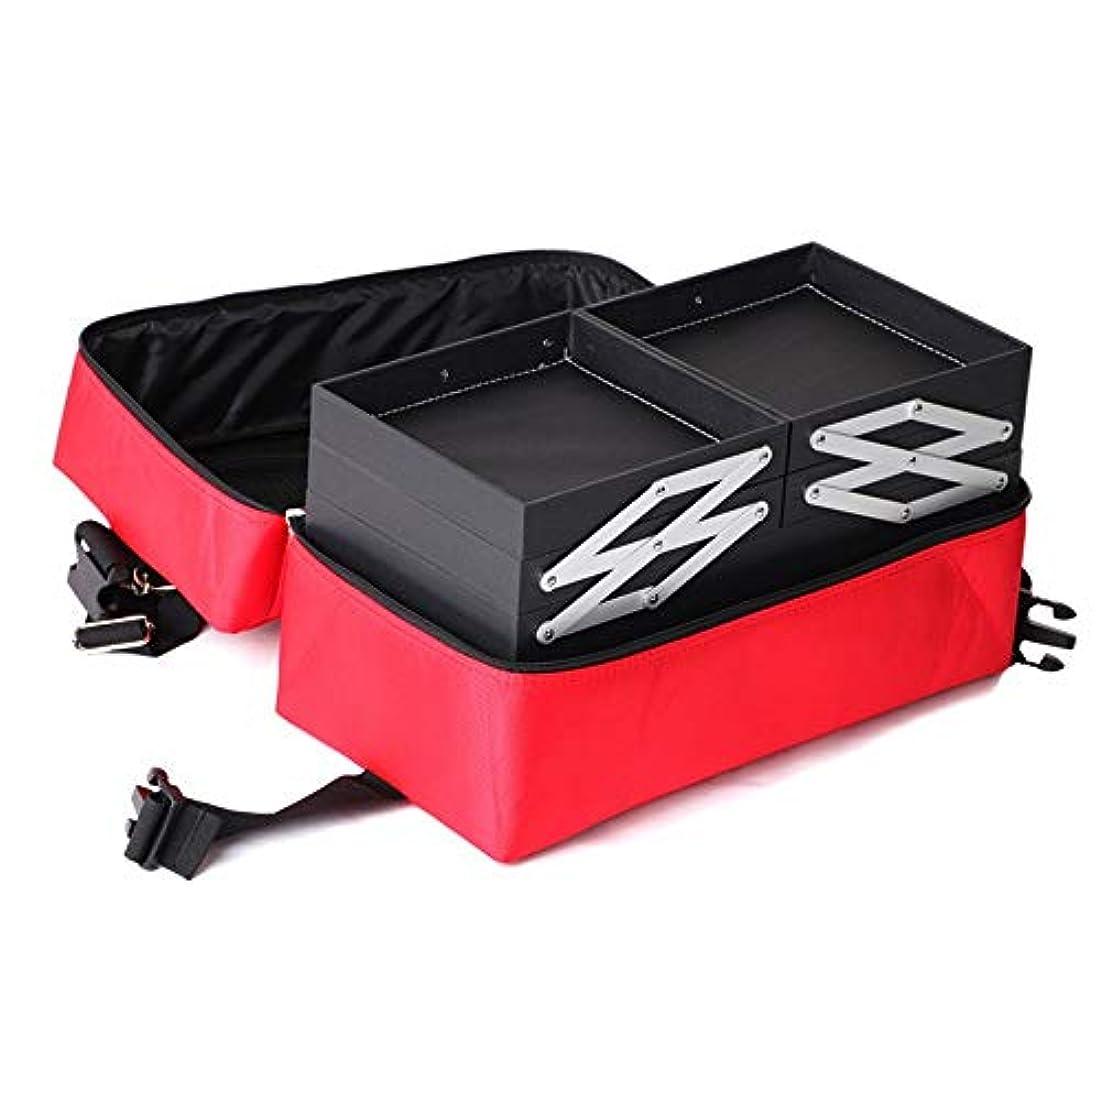 マエストロ樹皮娘化粧オーガナイザーバッグ メイクアップトラベルバッグストレージバッグ防水ミニメイクアップケース旅行旅行のための 化粧品ケース